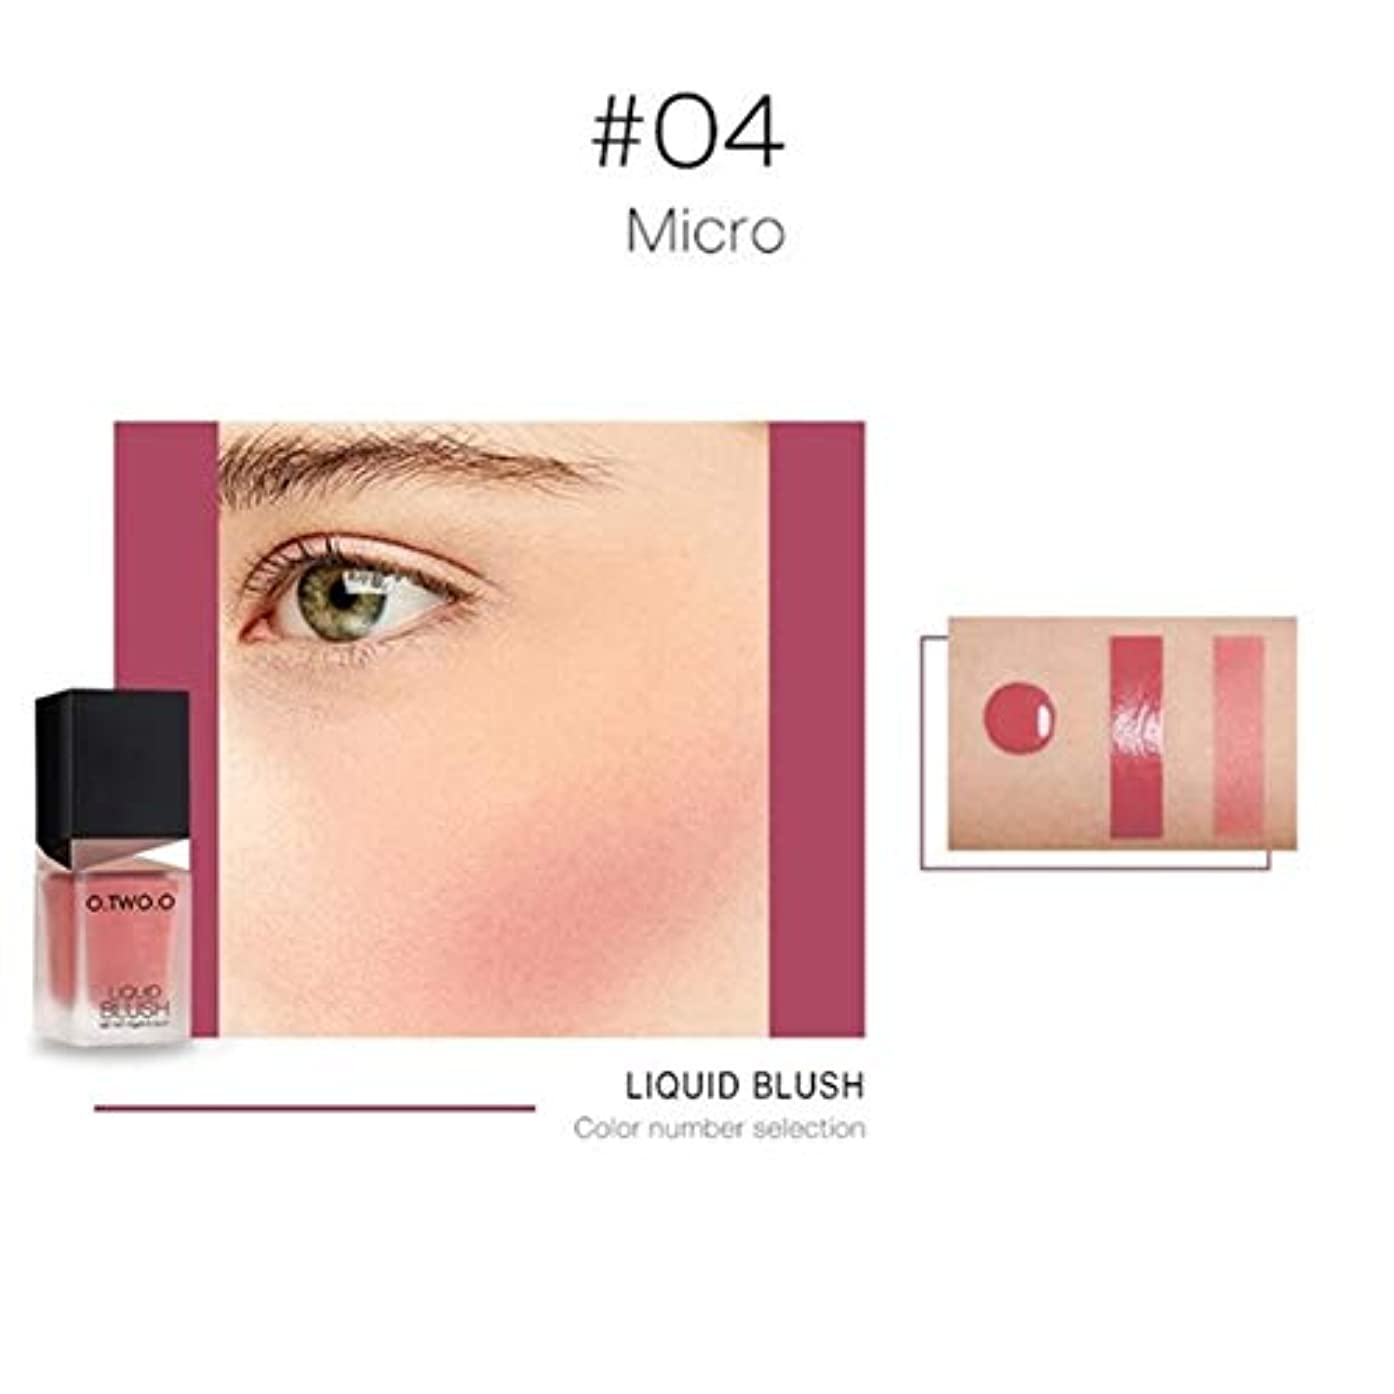 逸話例外重要なRabugoo カラフルで長持ちする液体ブラッシュメイクアップブラッシュチャーミングなカラービューティーツールプロフェッショナルフェイシャルメイクアップ化粧品 04# dry rose